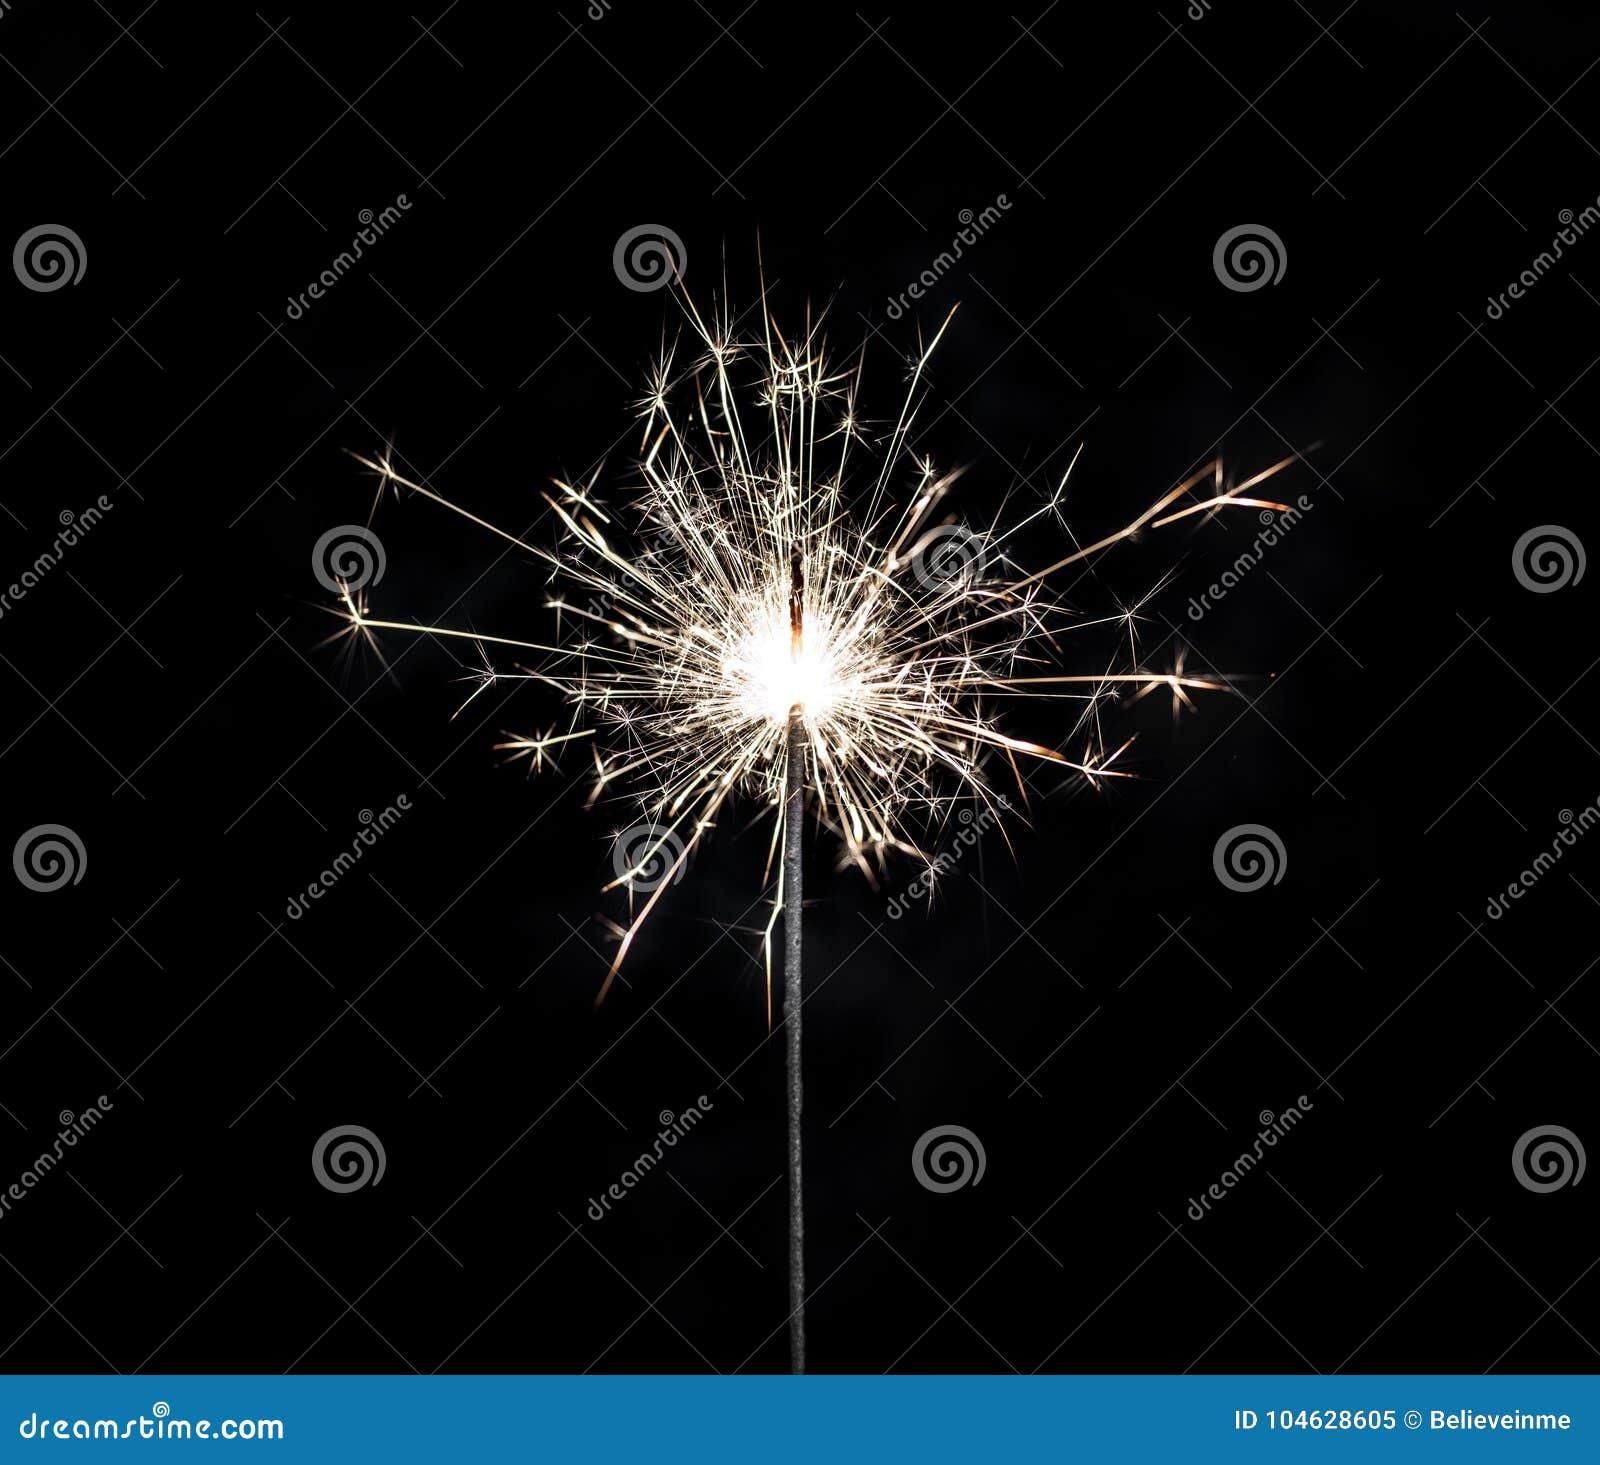 Download Brandend Sterretje Op Zwarte Achtergrond Stock Afbeelding - Afbeelding bestaande uit gloed, zwart: 104628605